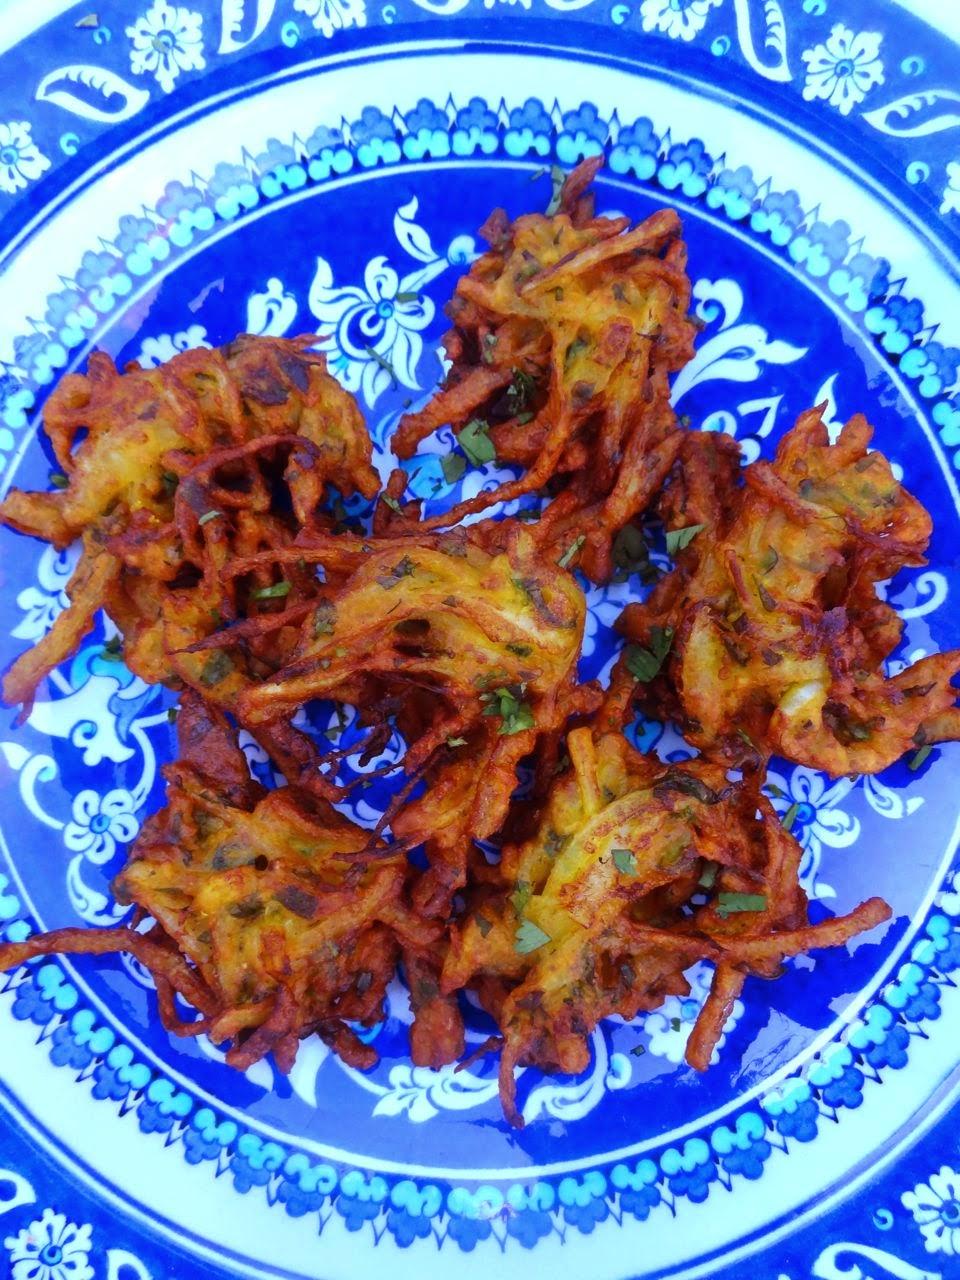 Scrumpdillyicious madhur jaffreys onion bhajias madhur jaffreys onion bhajias forumfinder Gallery